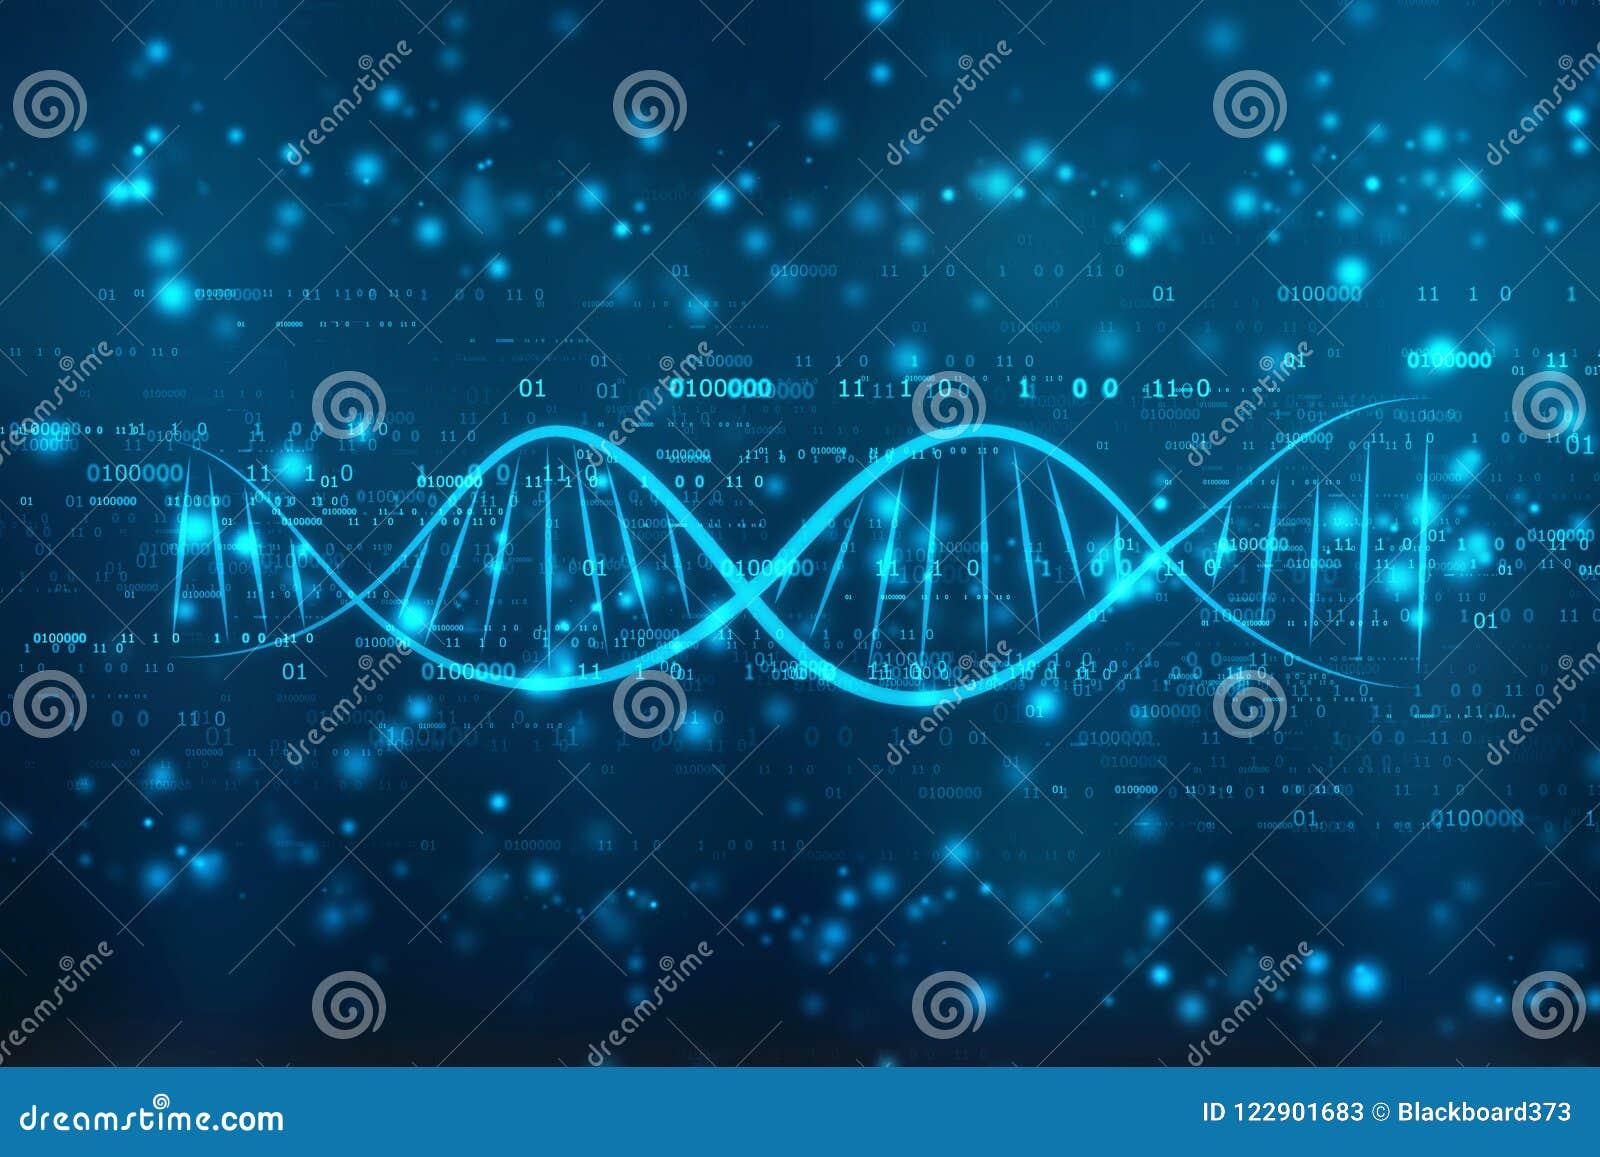 Ilustração digital do ADN no fundo abstrato médico